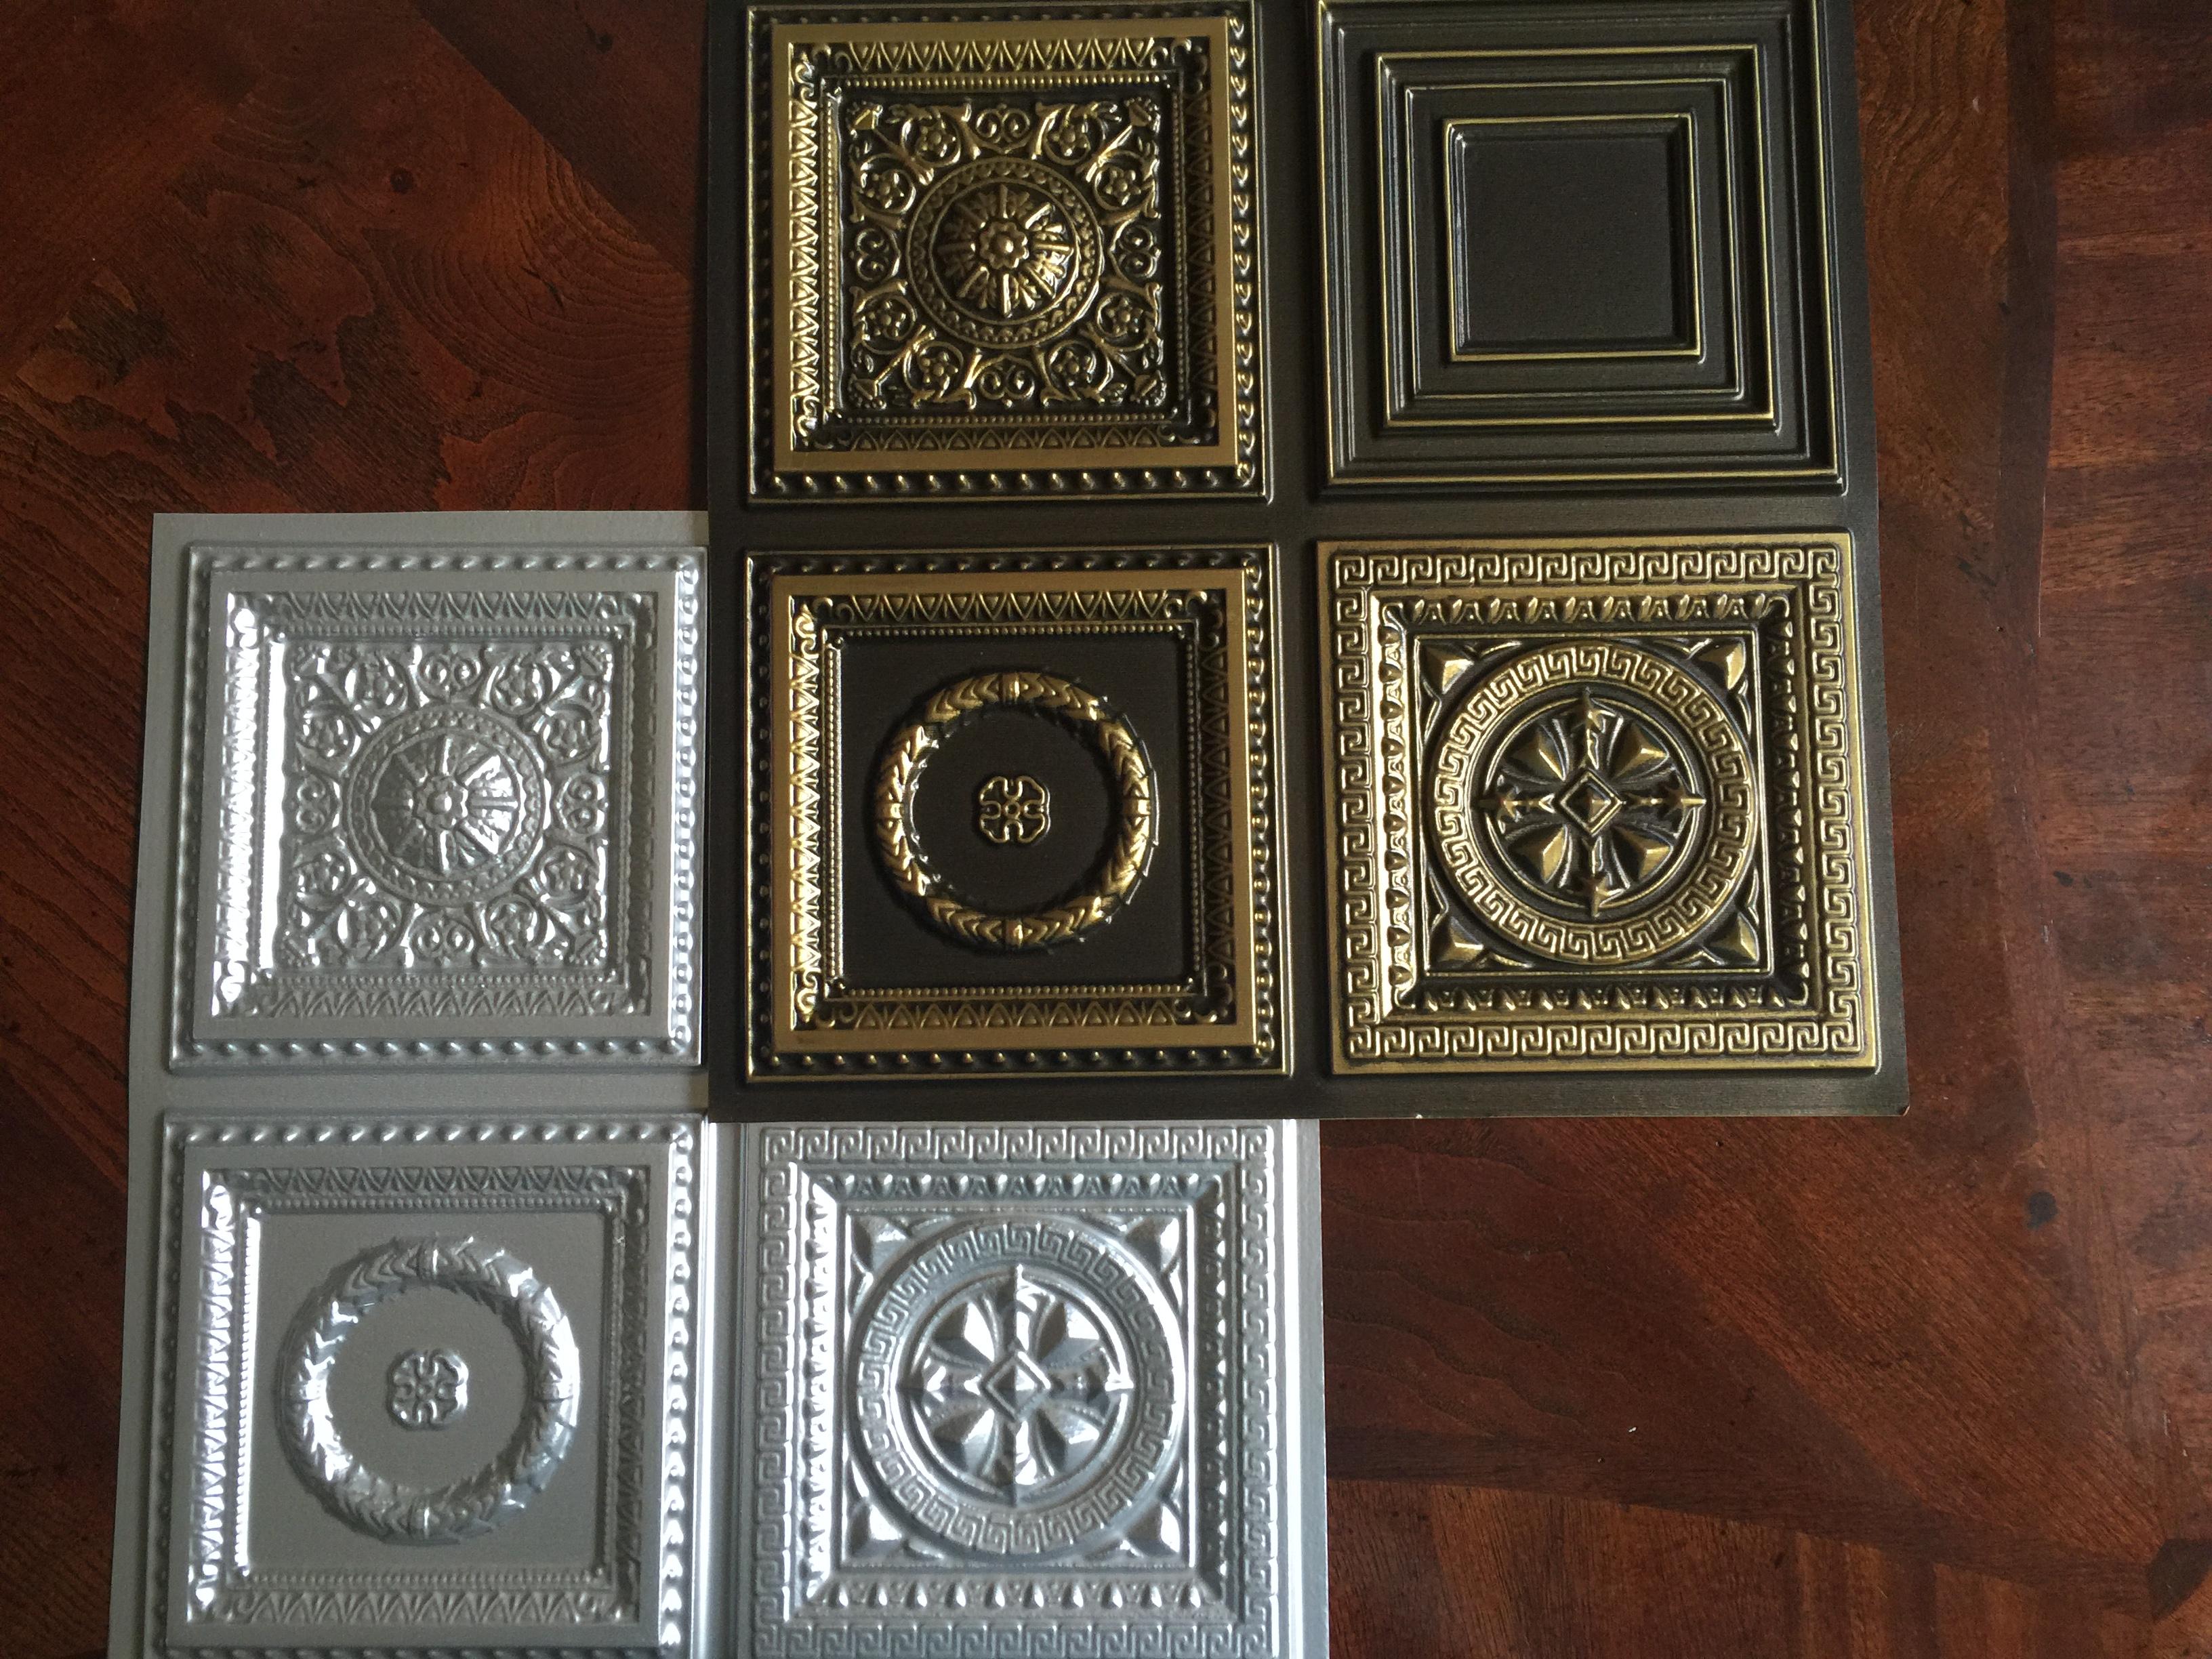 Samples of Ceilings